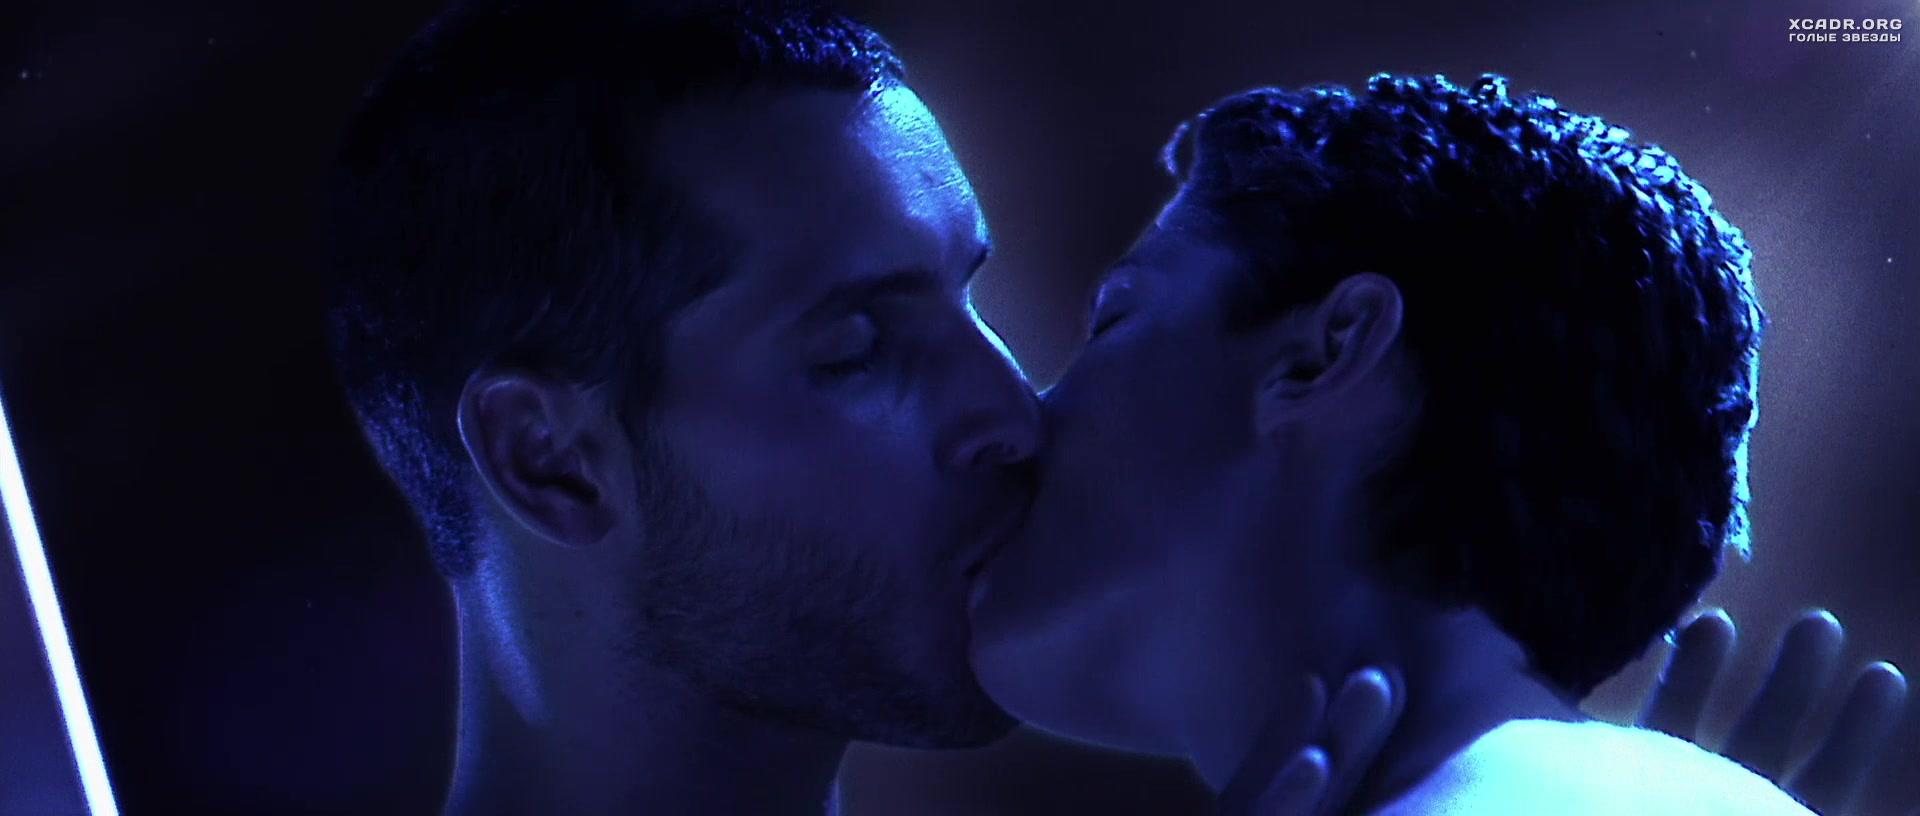 Фото секса в невесомости 9 фотография